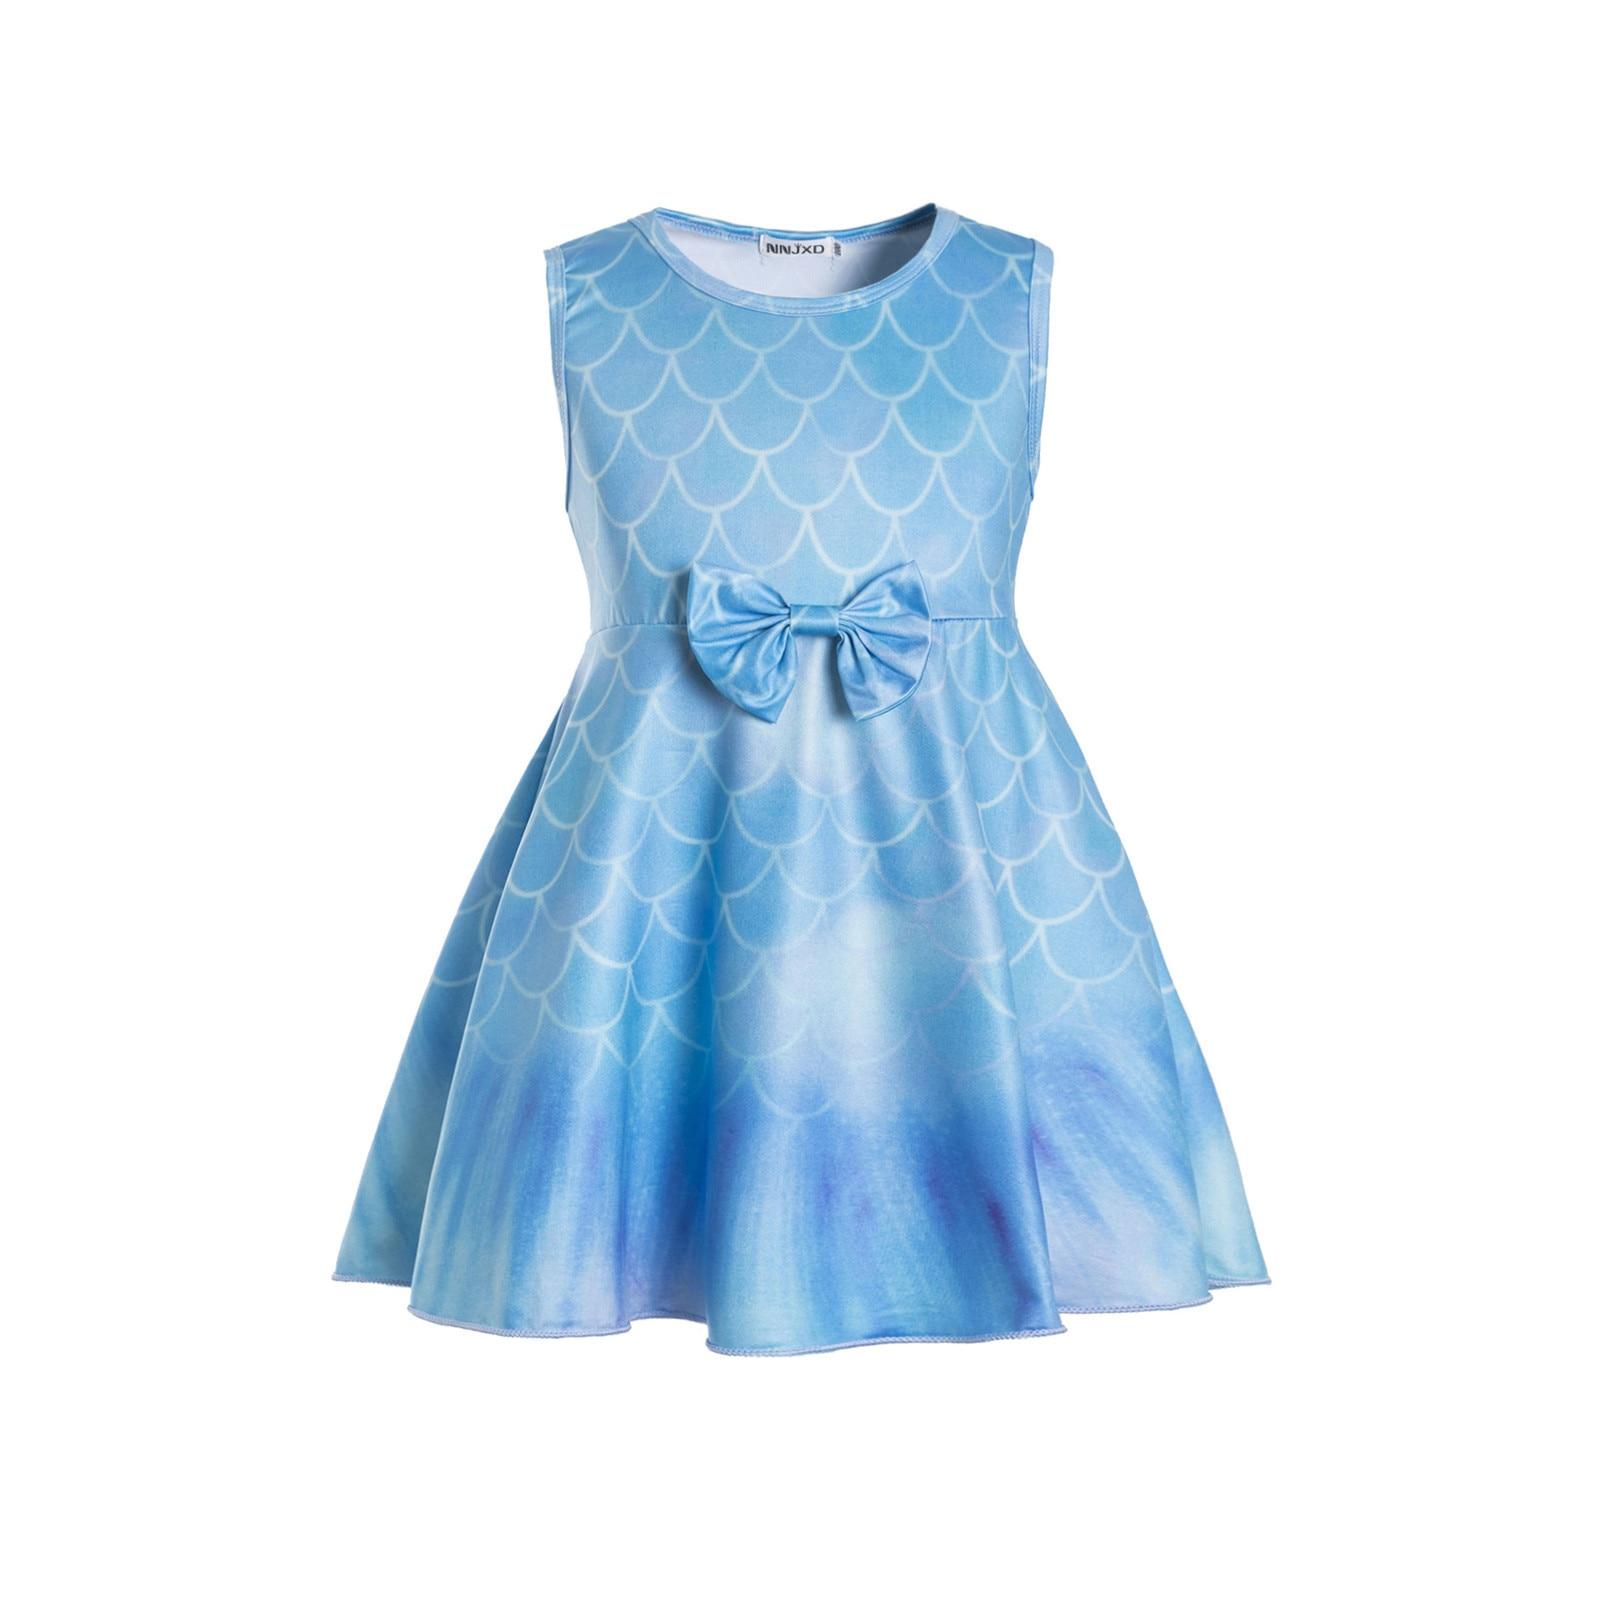 Vestido de princesa sin mangas para niña, falda de gasa hinchada, verano,...